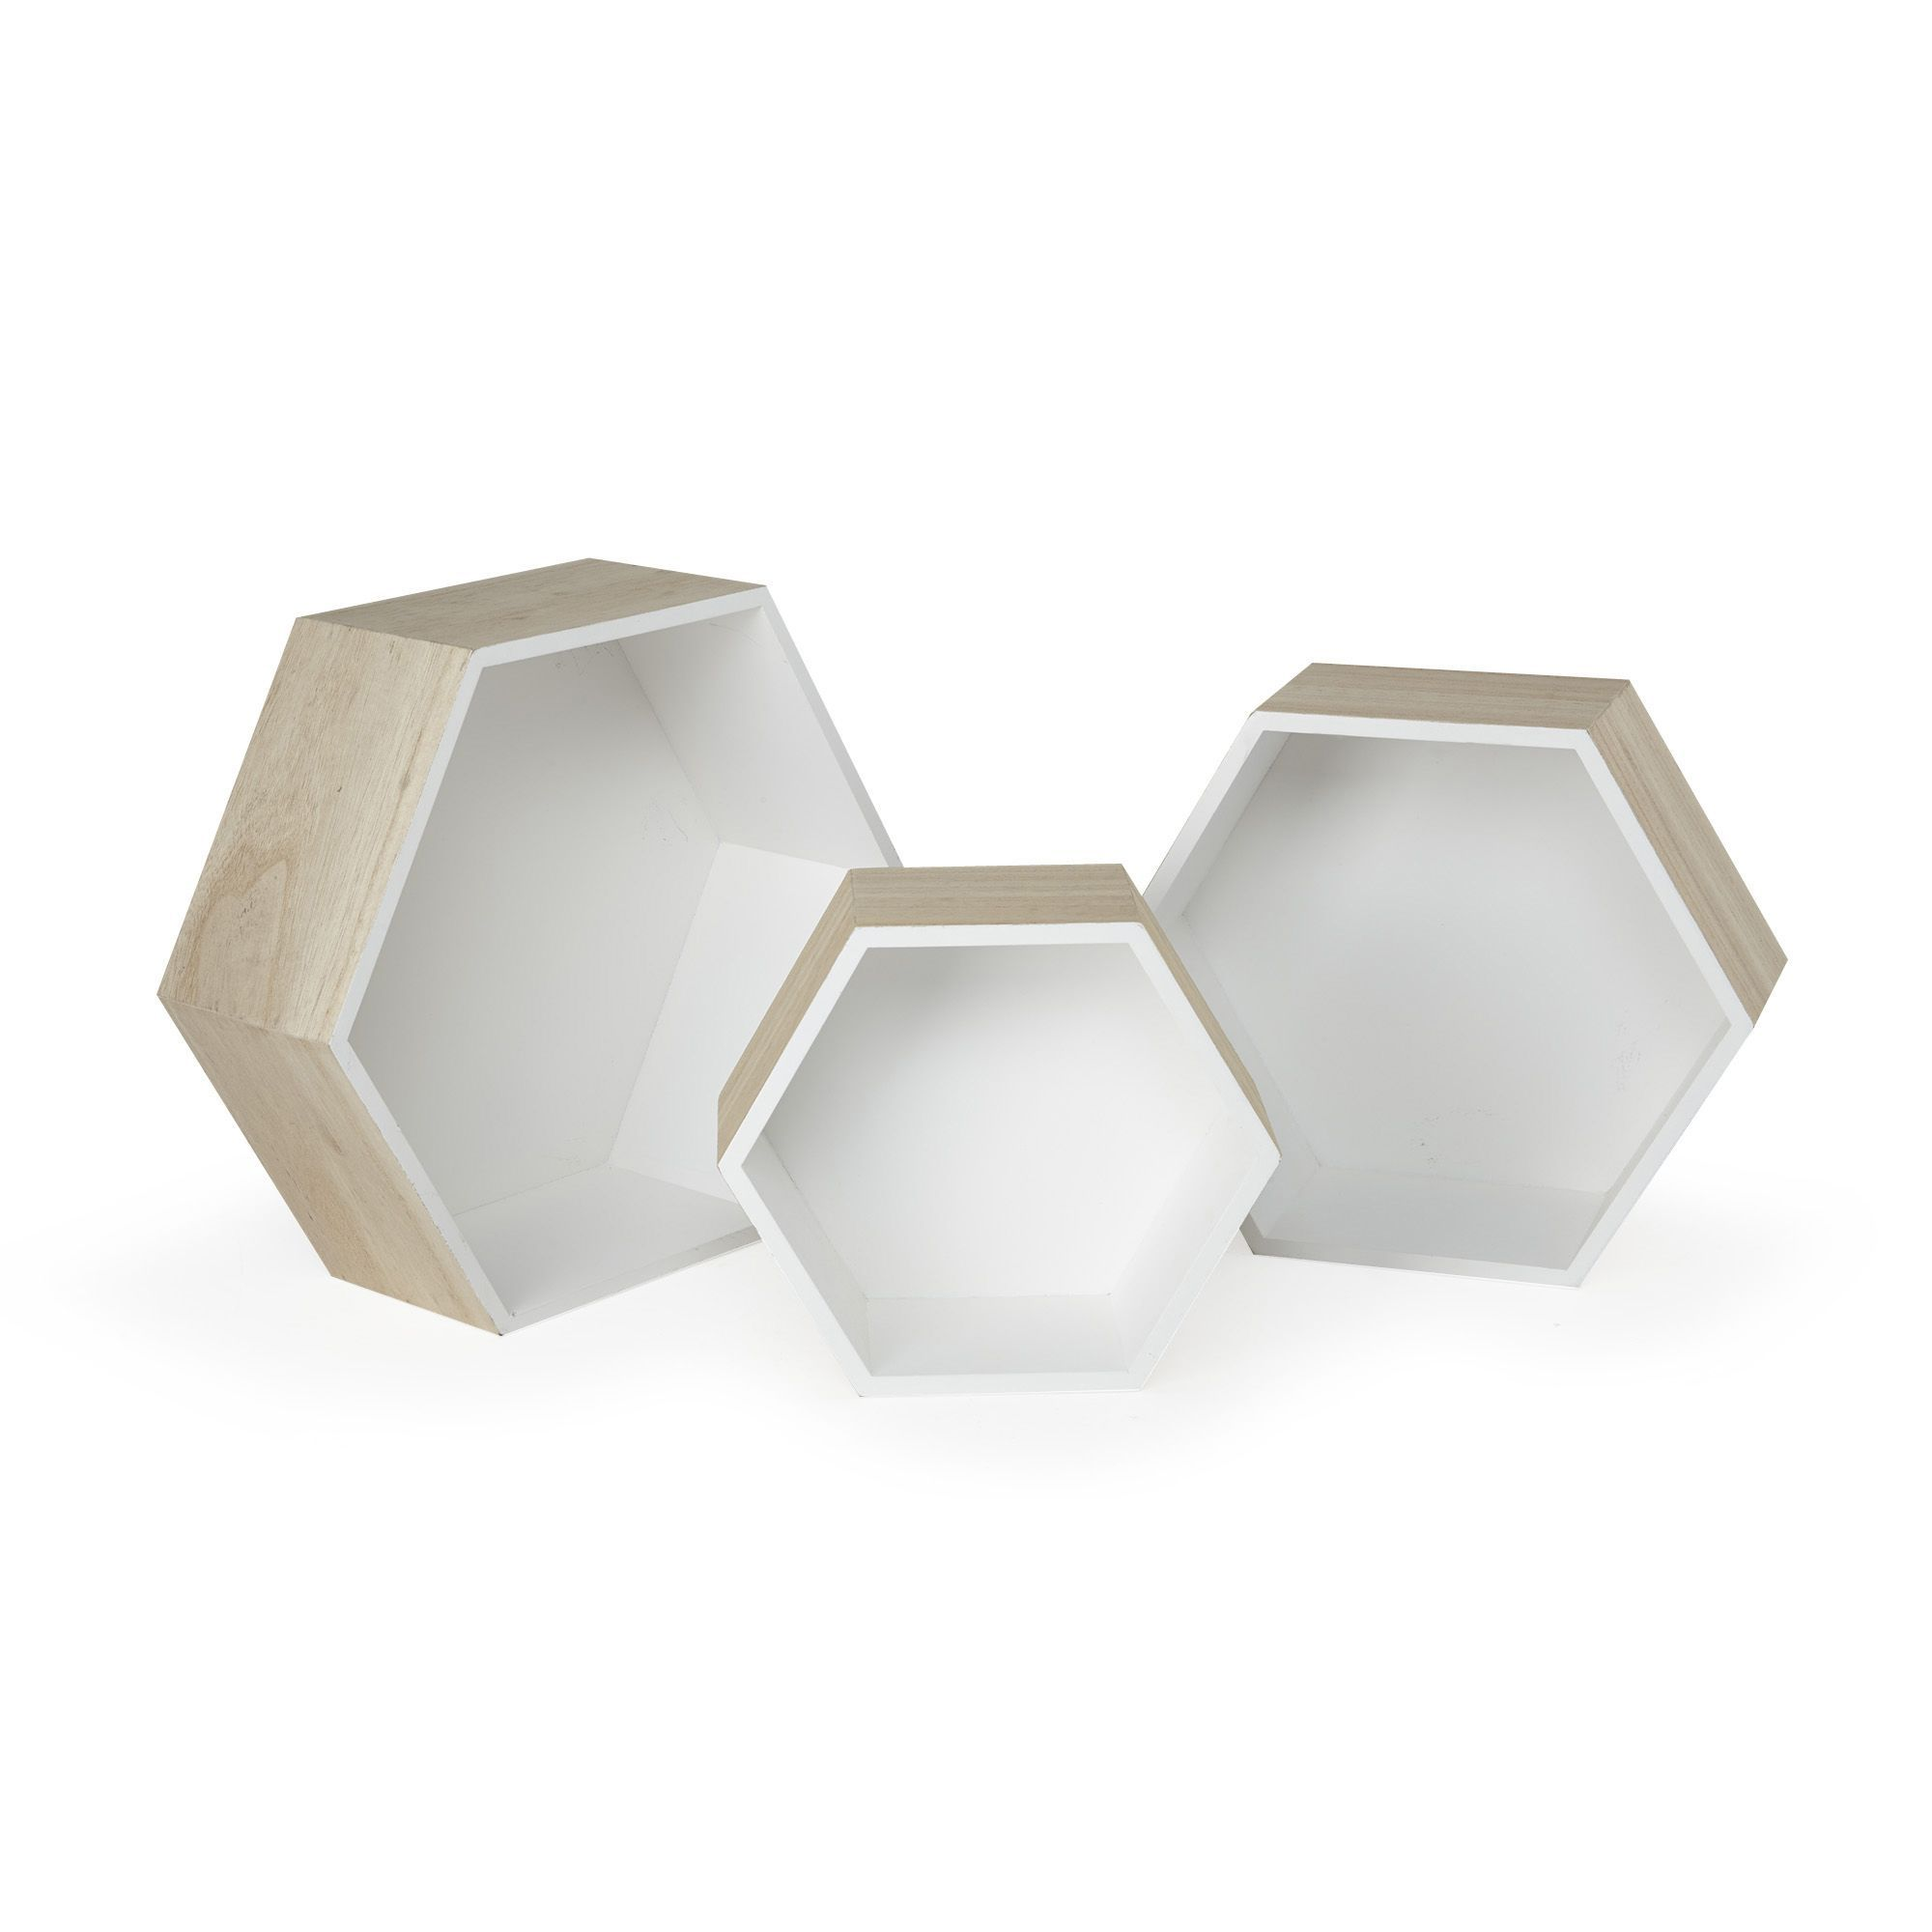 Etagère hexagonale petit modèle Blanc - Rush - La décoration murale ...